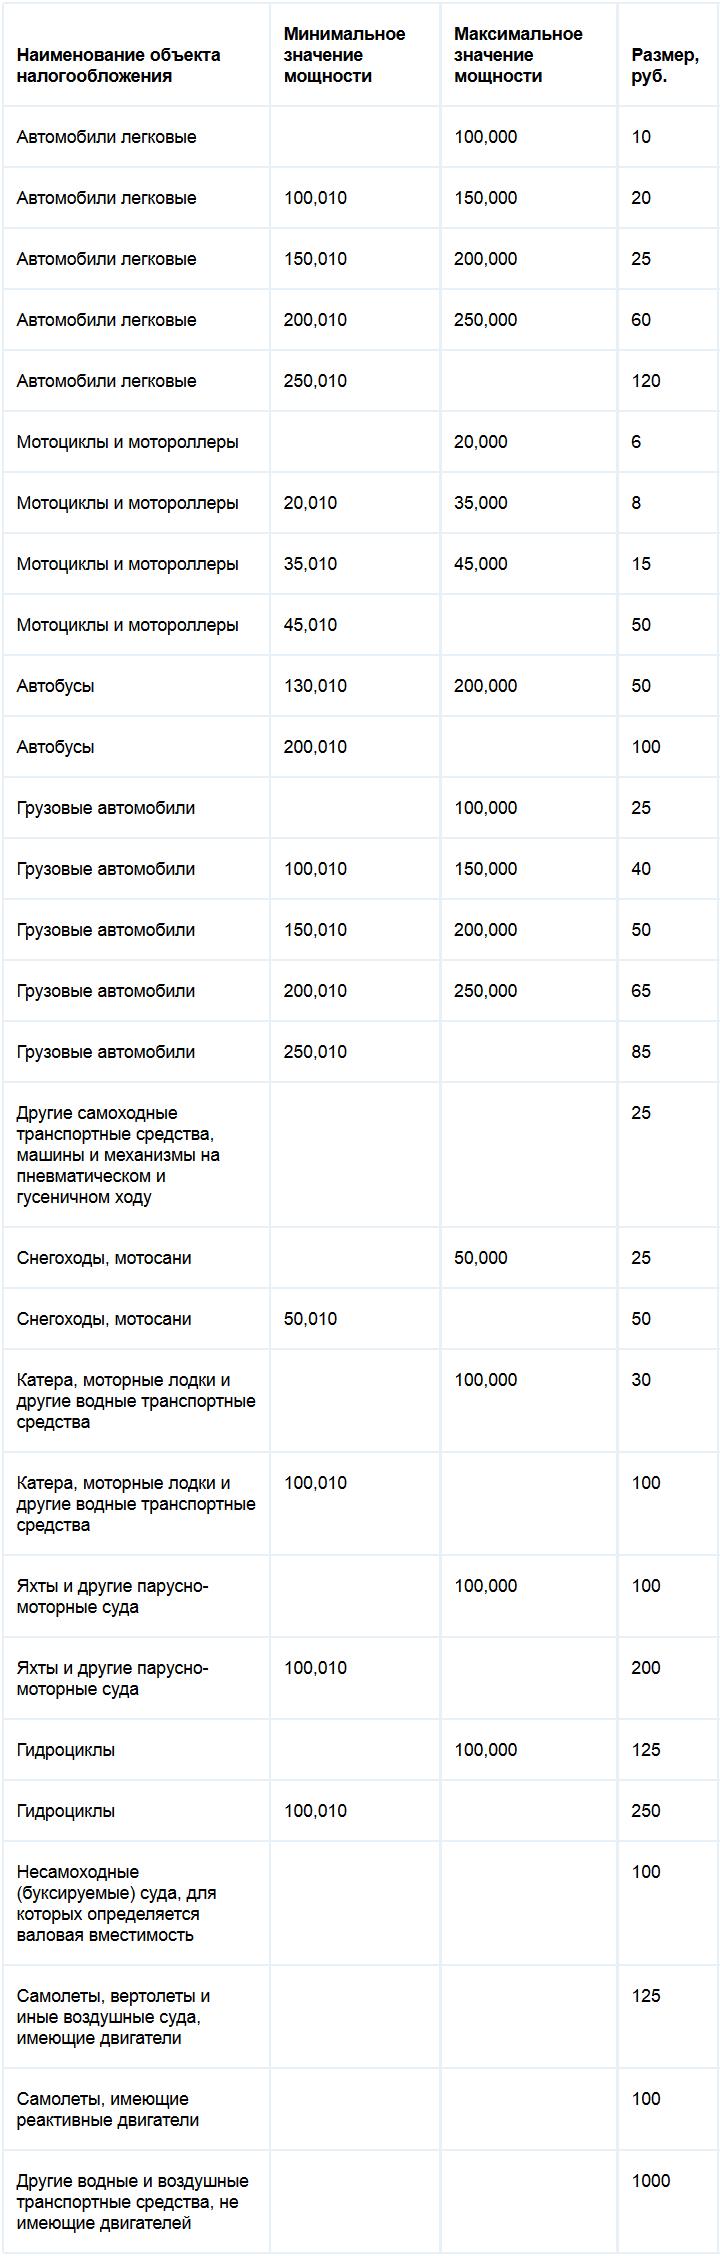 Военные пенсионеры литва-россия